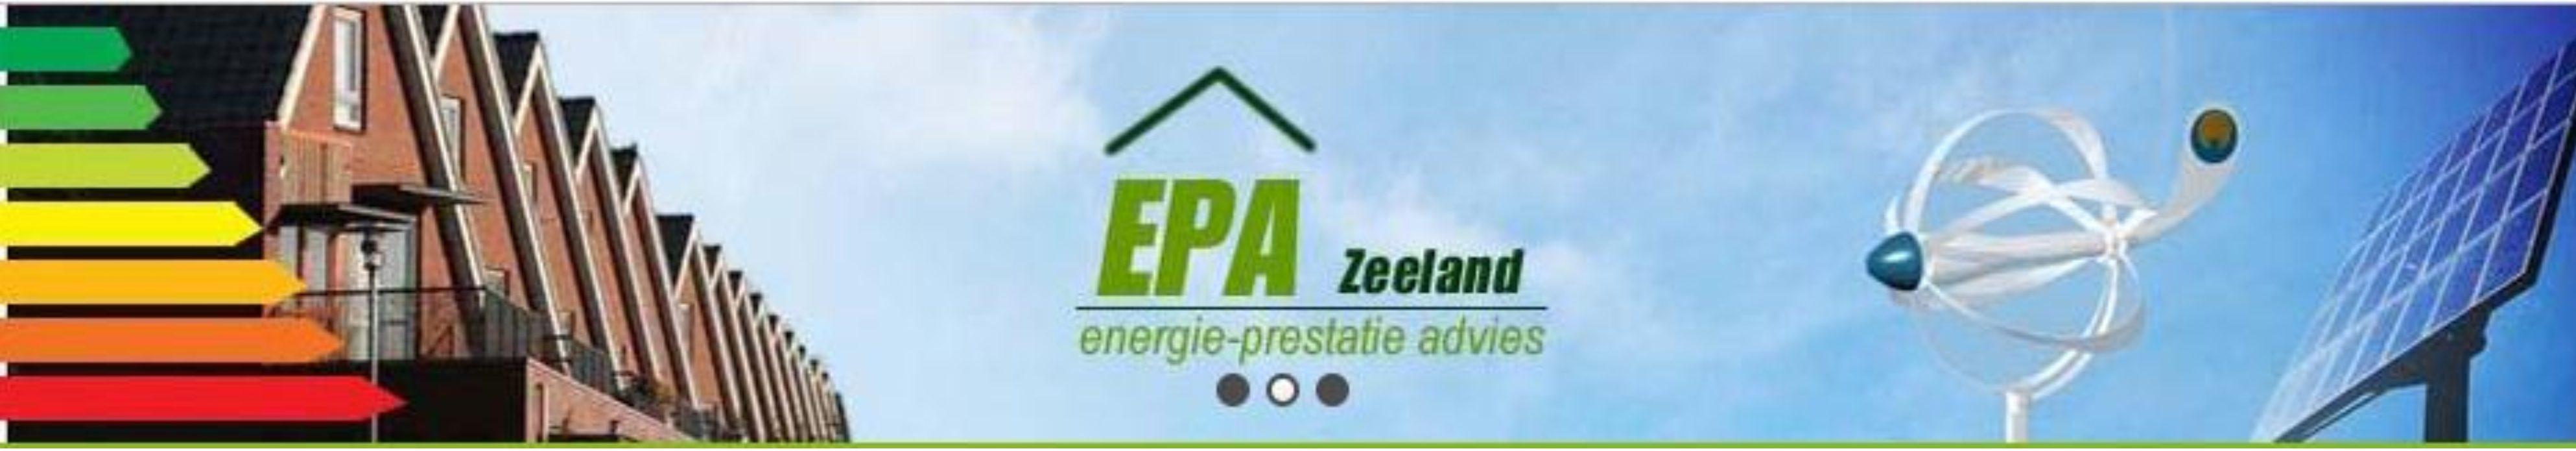 Groot tijdgebrek voor EPA adviseurs? Dat is verleden tijd door Movin'U!